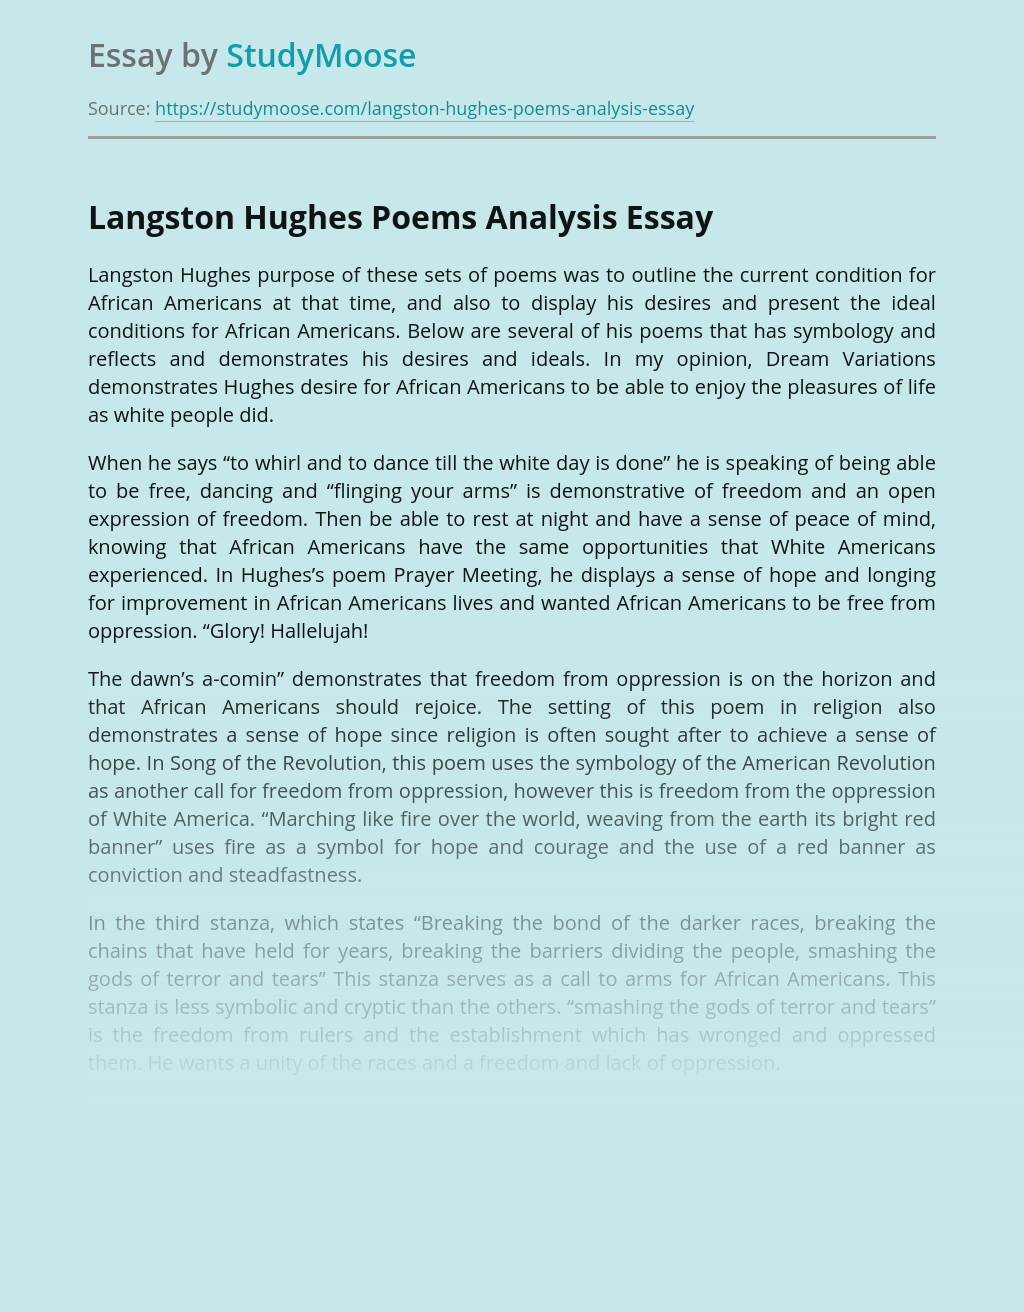 Langston Hughes Poems Analysis